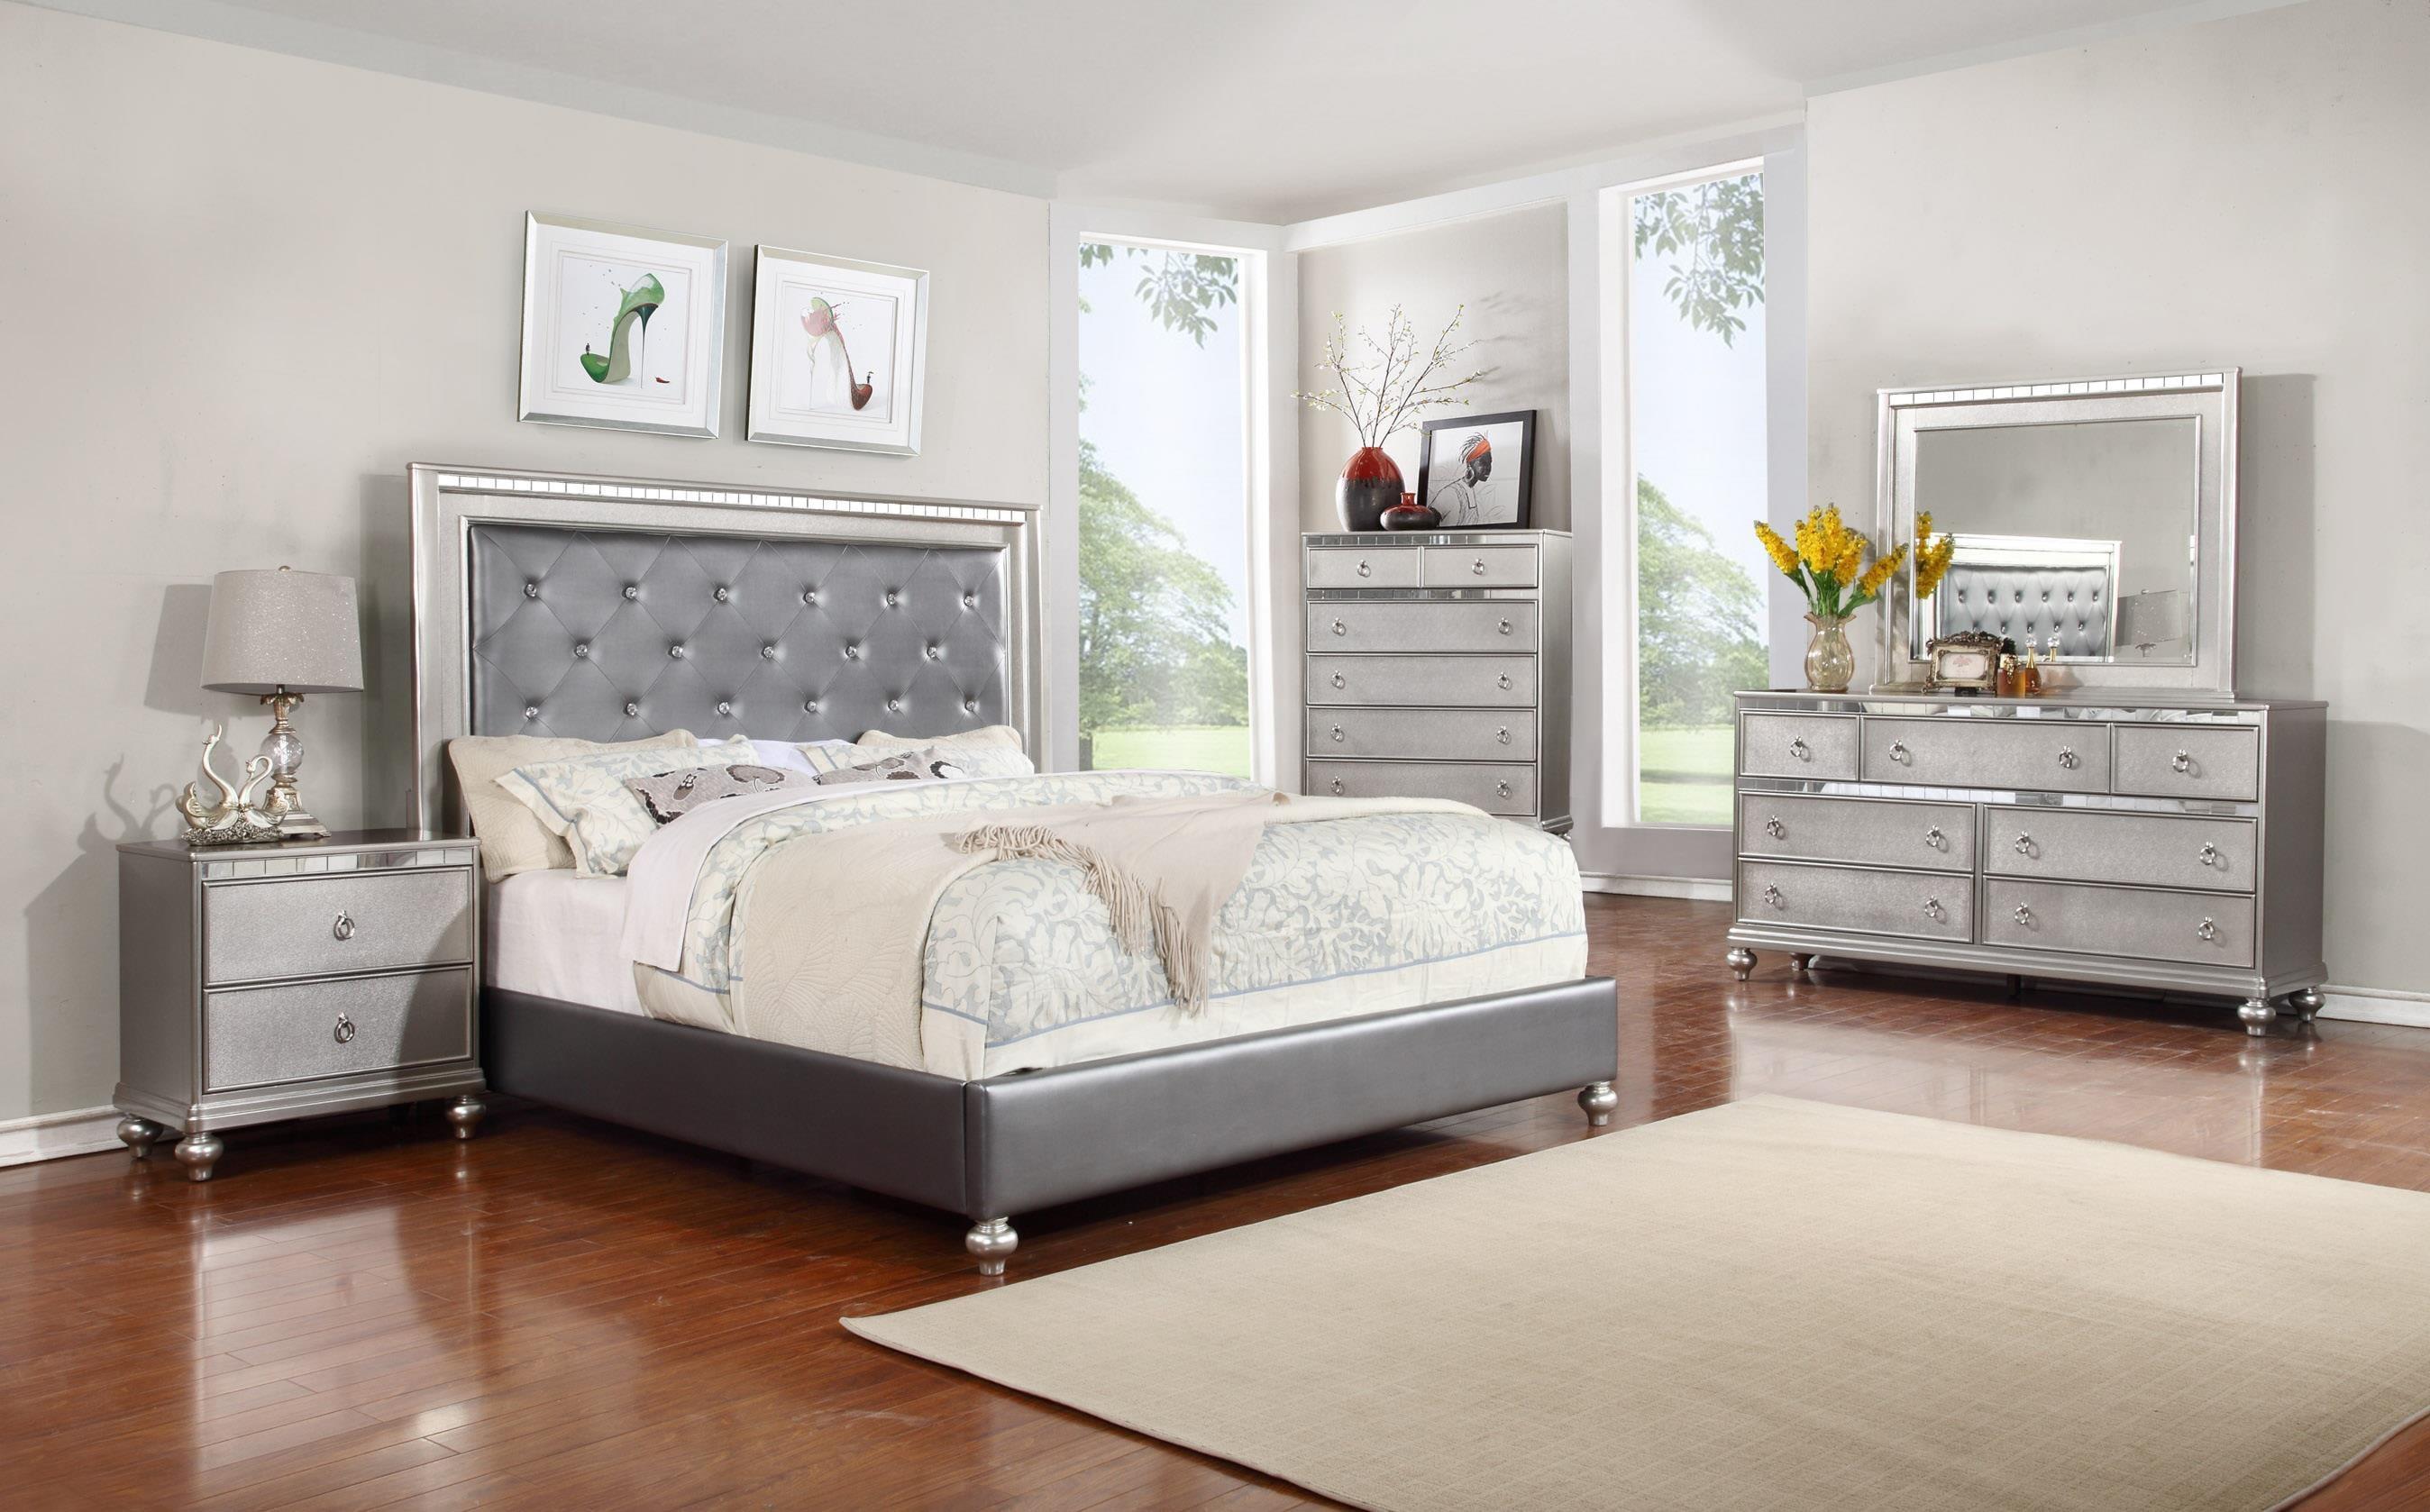 Bedroom Sets Ri glam 5pc queen bedroom set - rotmans - bedroom group worcester